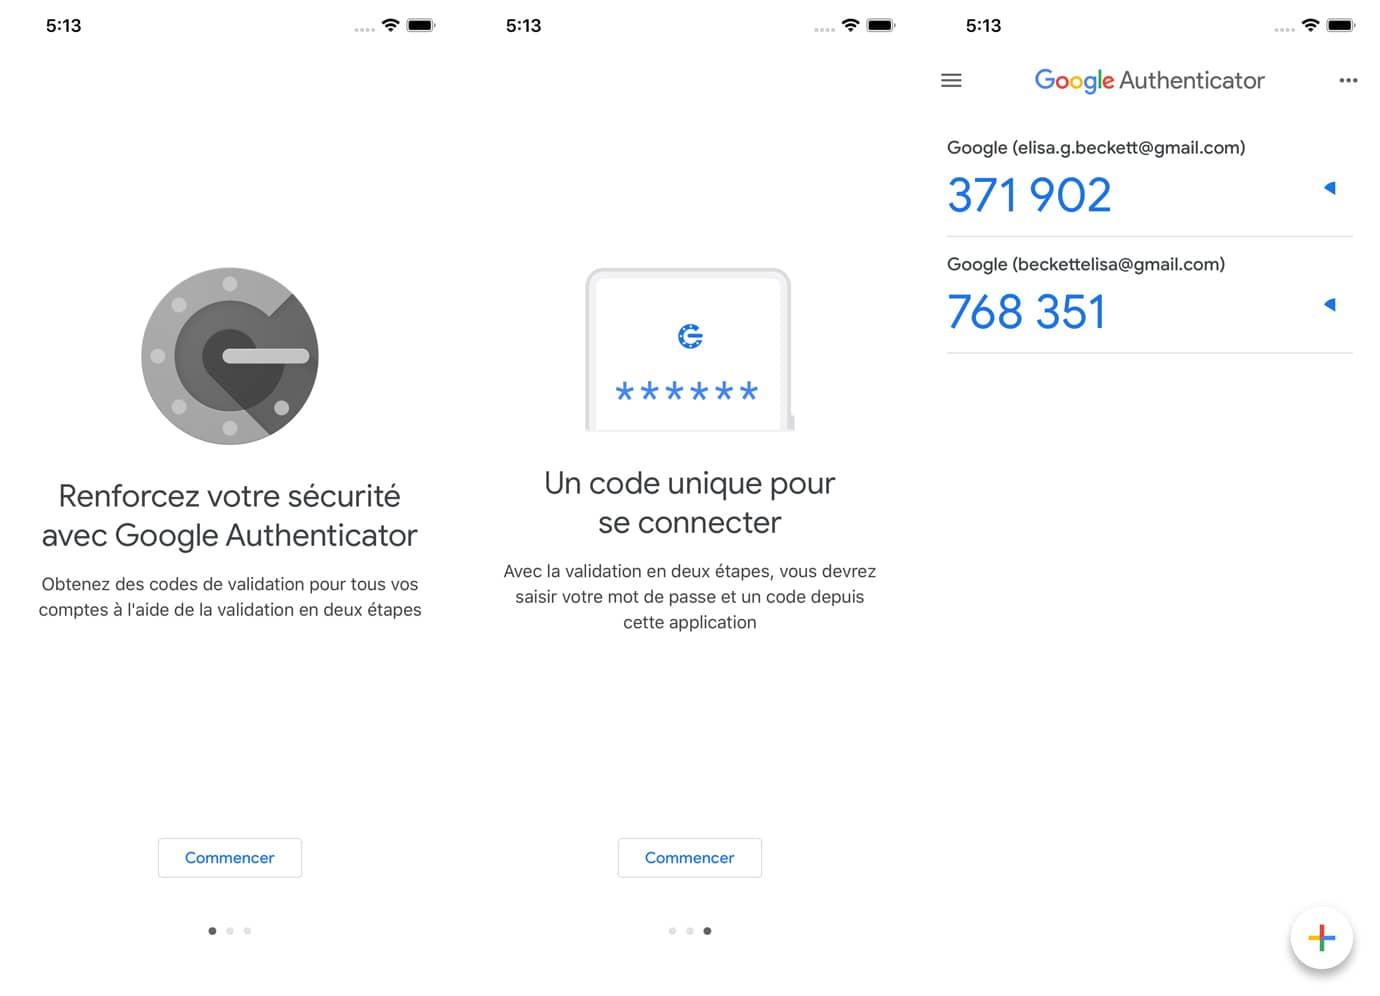 Google Authenticator : interface de l'application d'authentification à deux facteurs